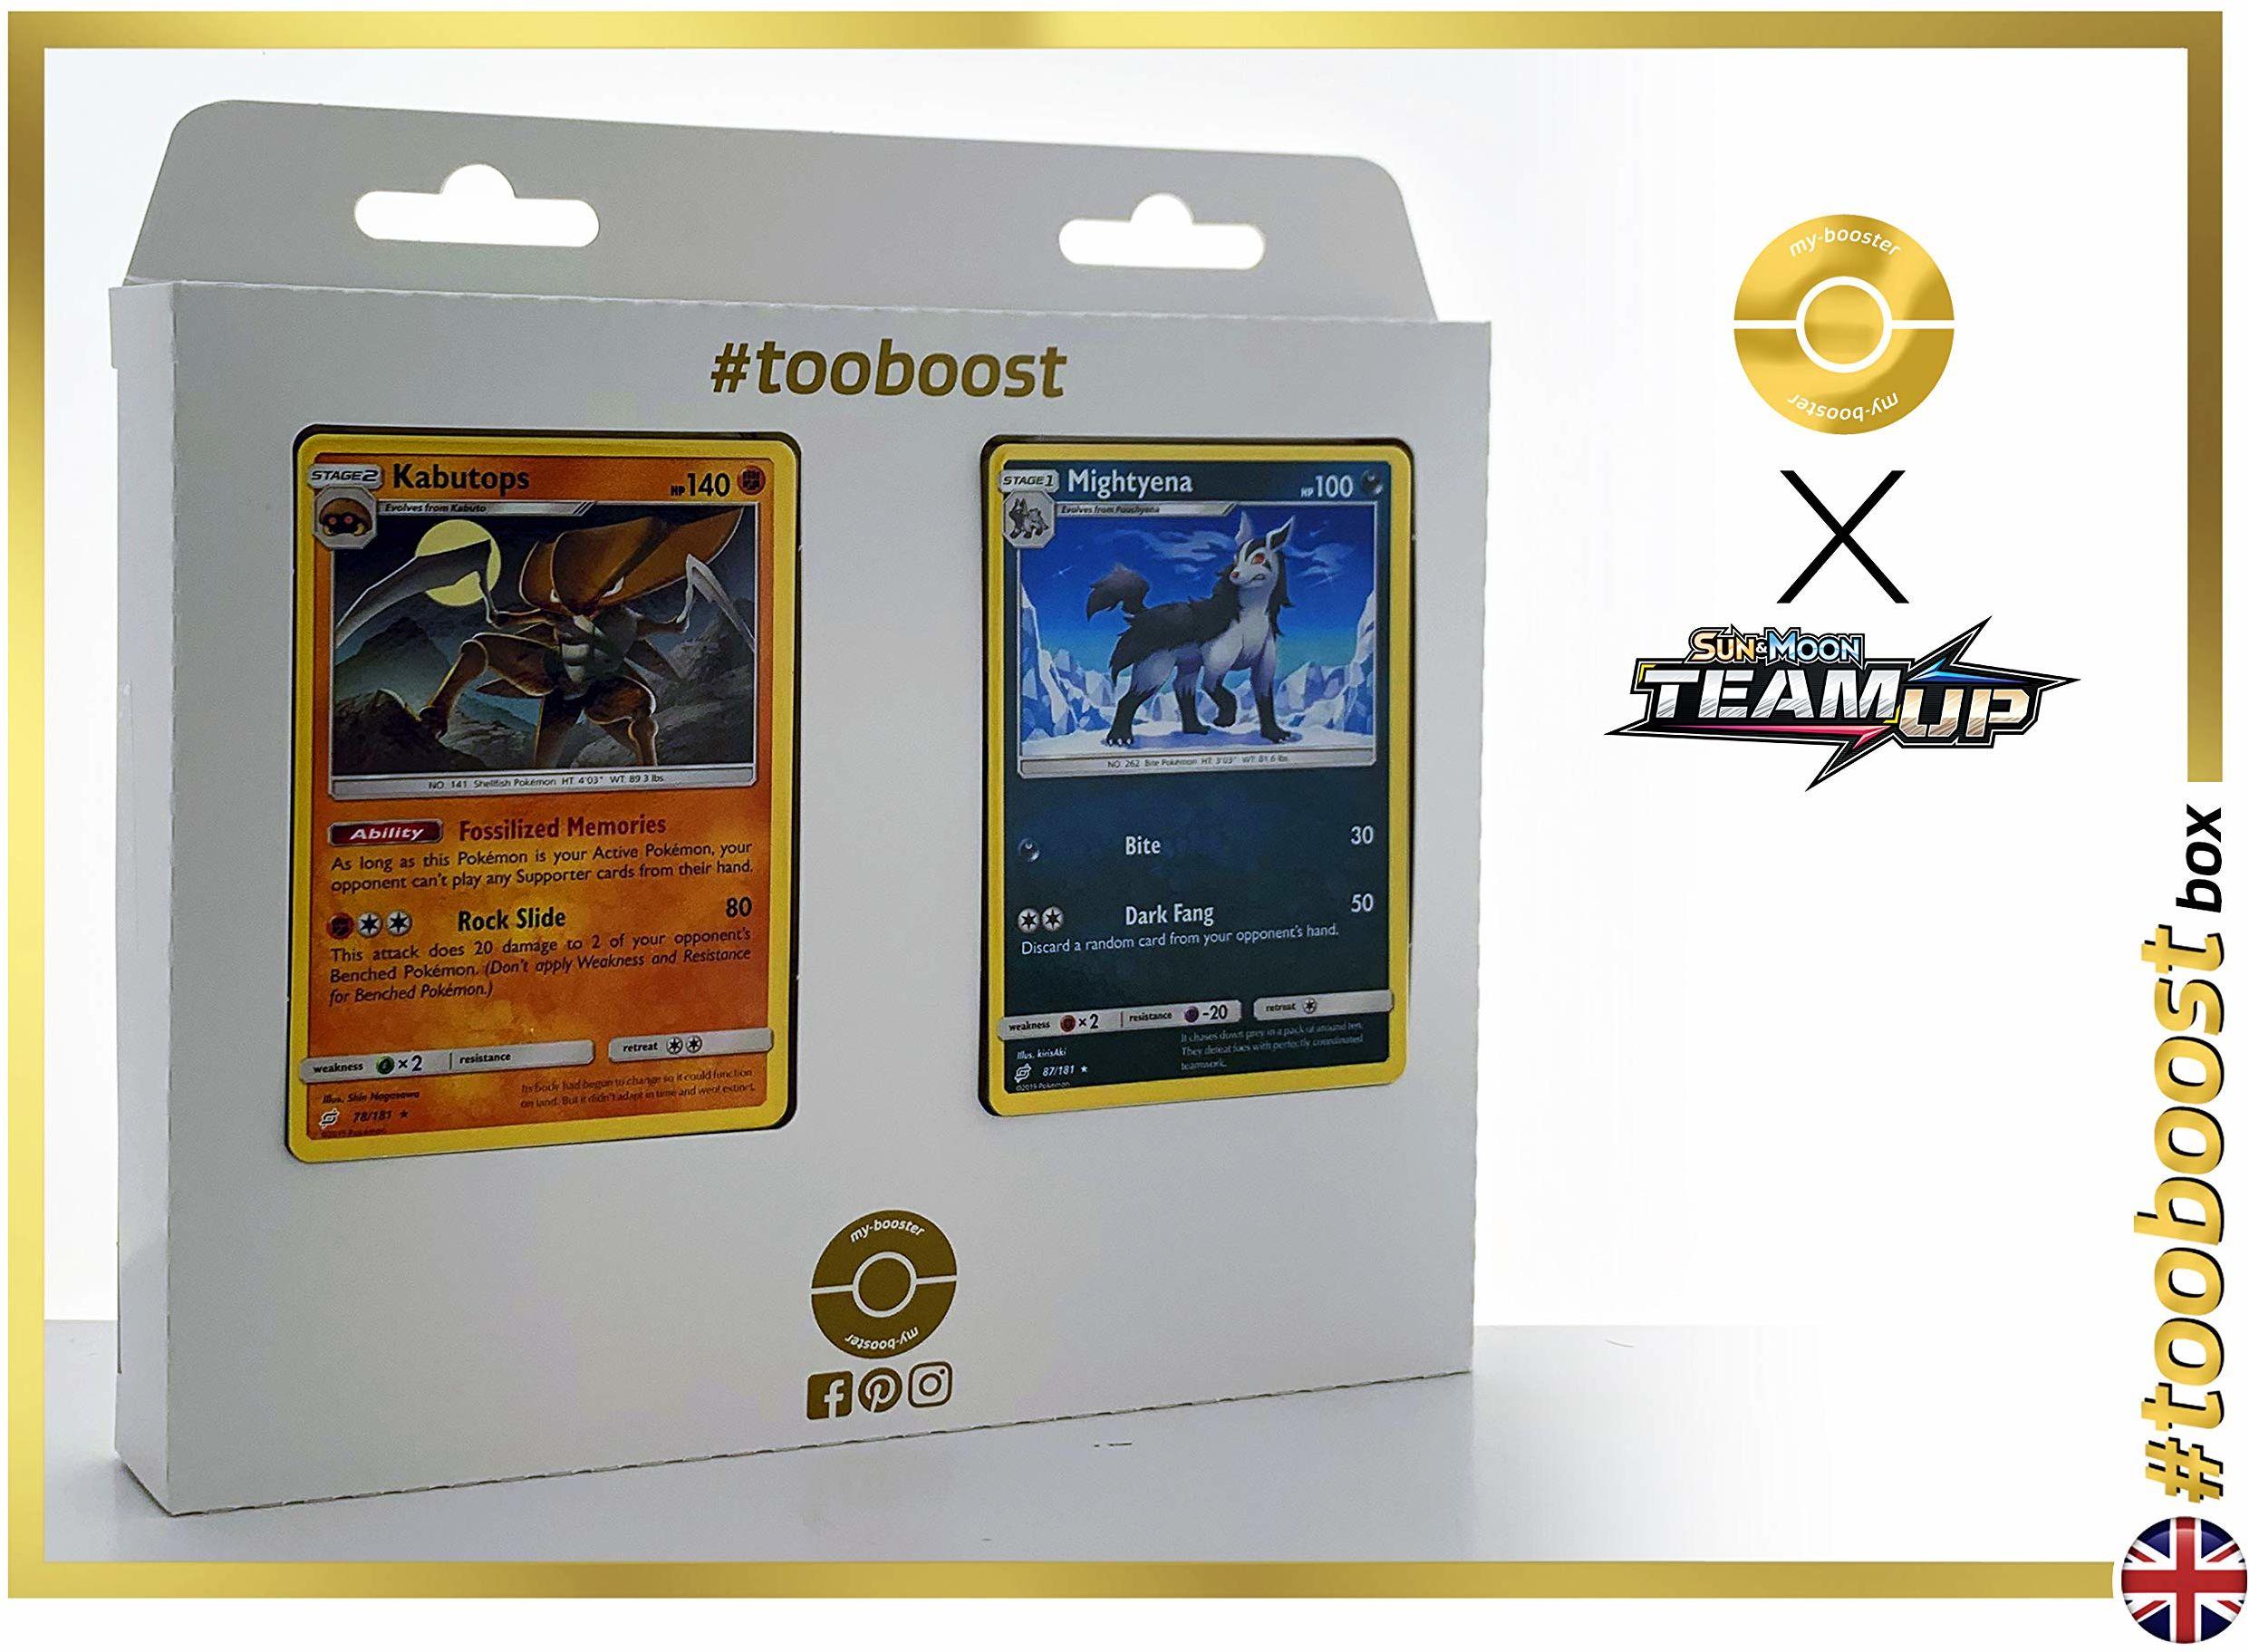 Kabustops 78/181 i Mightyena (Magnayen) 87/181 - #tooboost X Sun & Moon 9 Team Up - pudełko z 10 angielskimi kartami Pokémon + 1 Goodie Pokémon